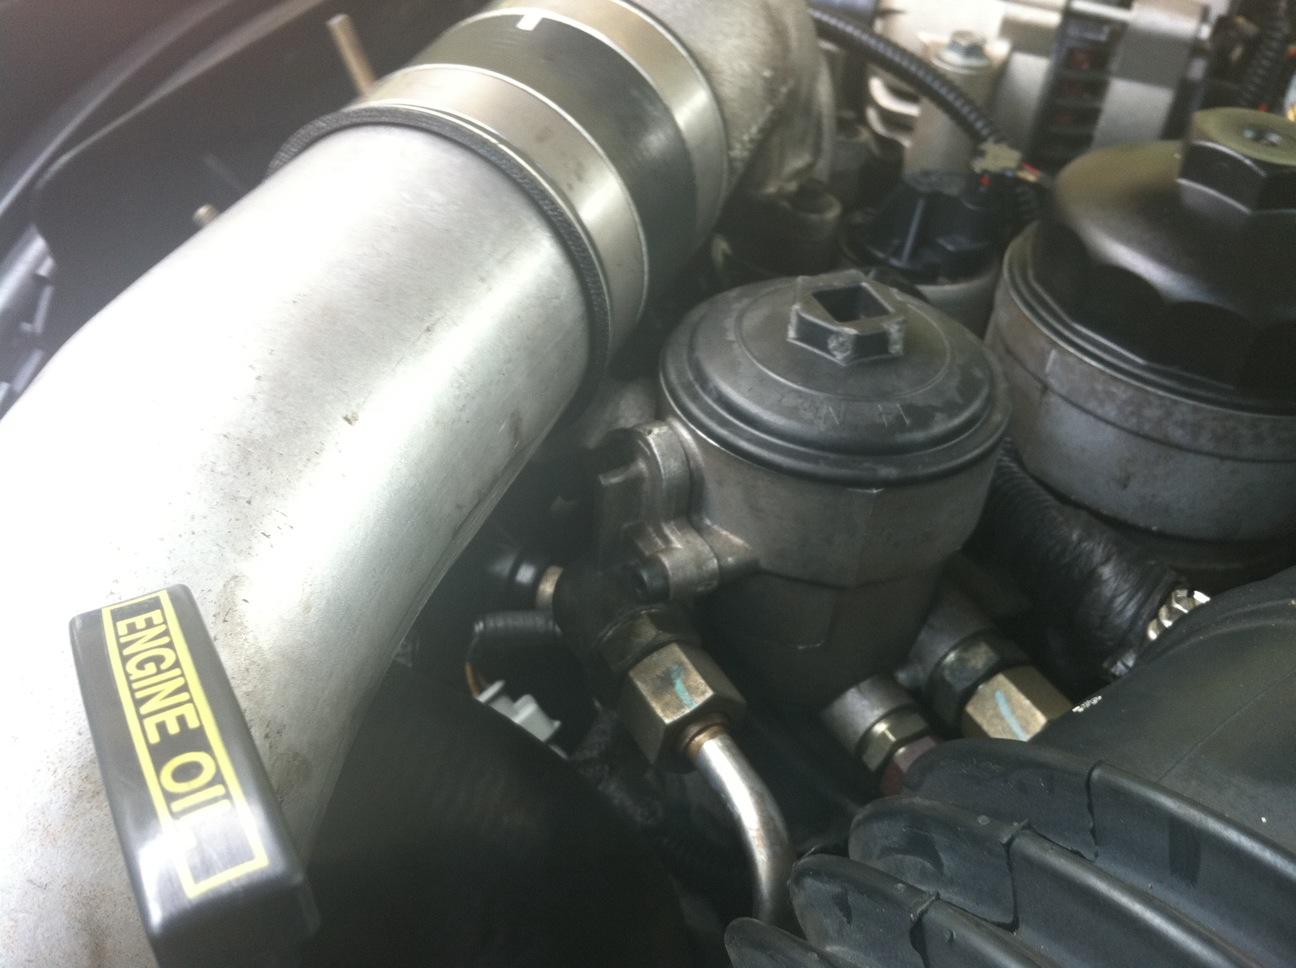 [CSDW_4250]   6.0L Secondary Fuel/Oil Filter Housing 4C3Z-9C166-AA | The Diesel Stop | 05 F250 Fuel Filter Housing |  | The Diesel Stop